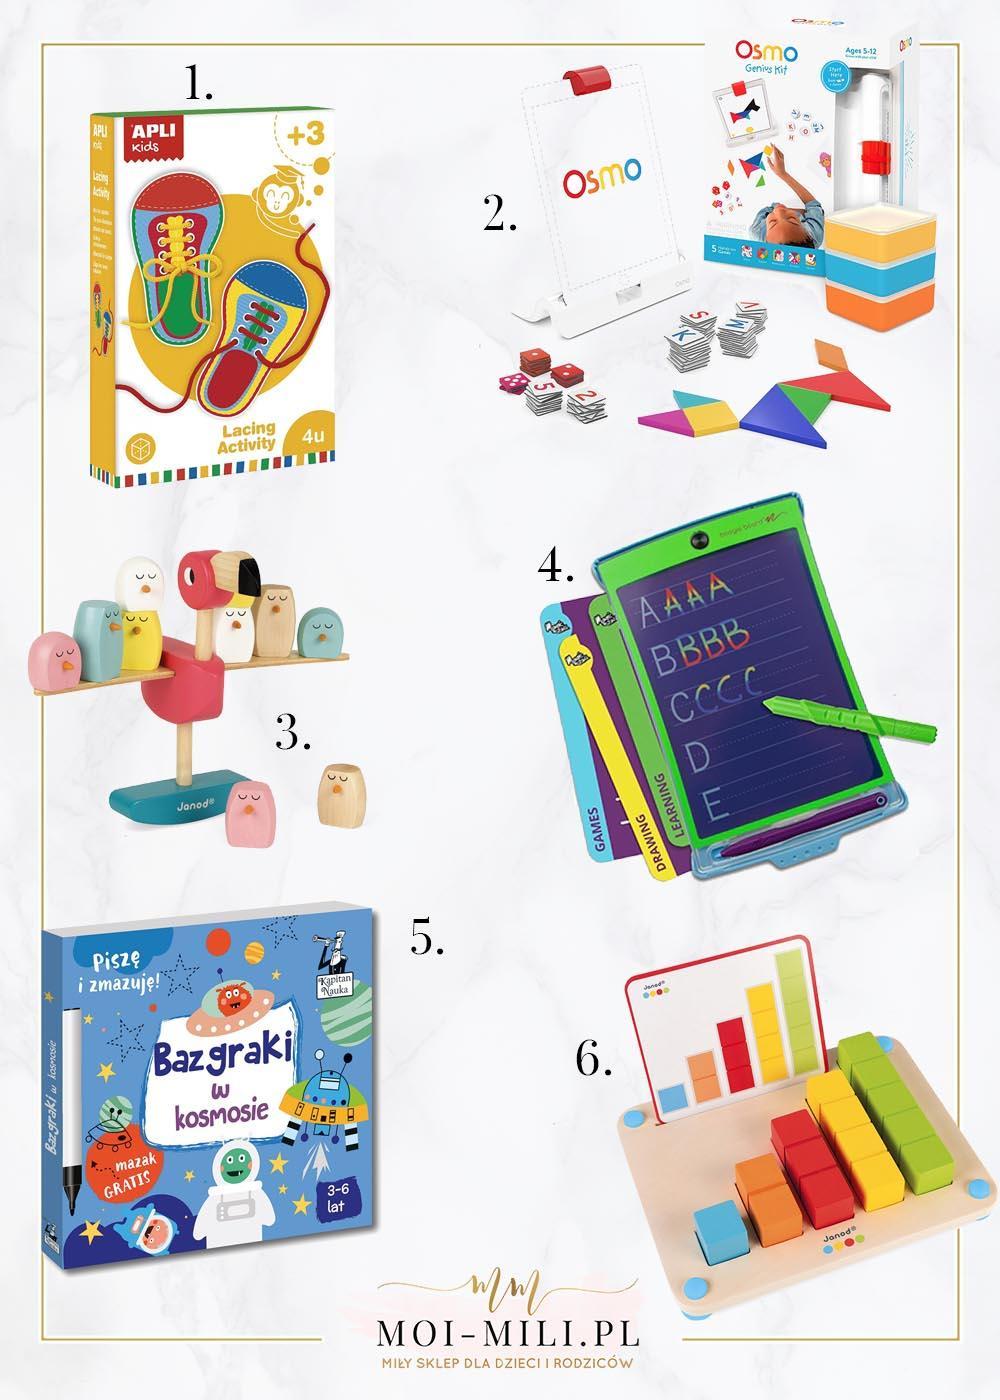 Zabawka edukacyjna to świetny pomysł na prezent dla 4 latka.